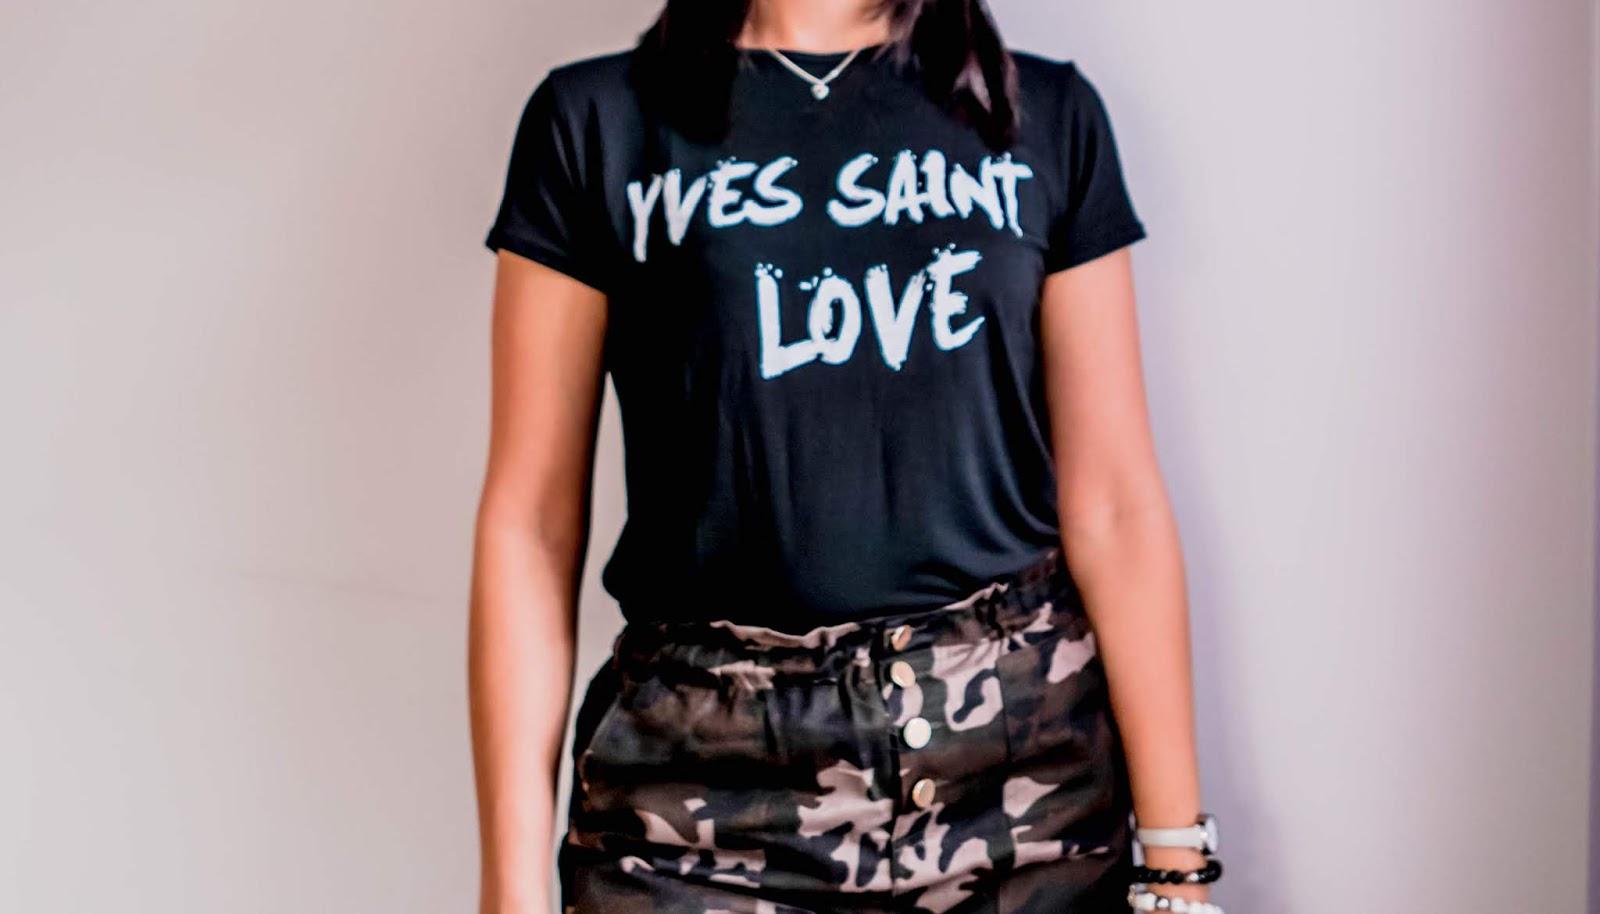 klasyczny tshirt z napisem